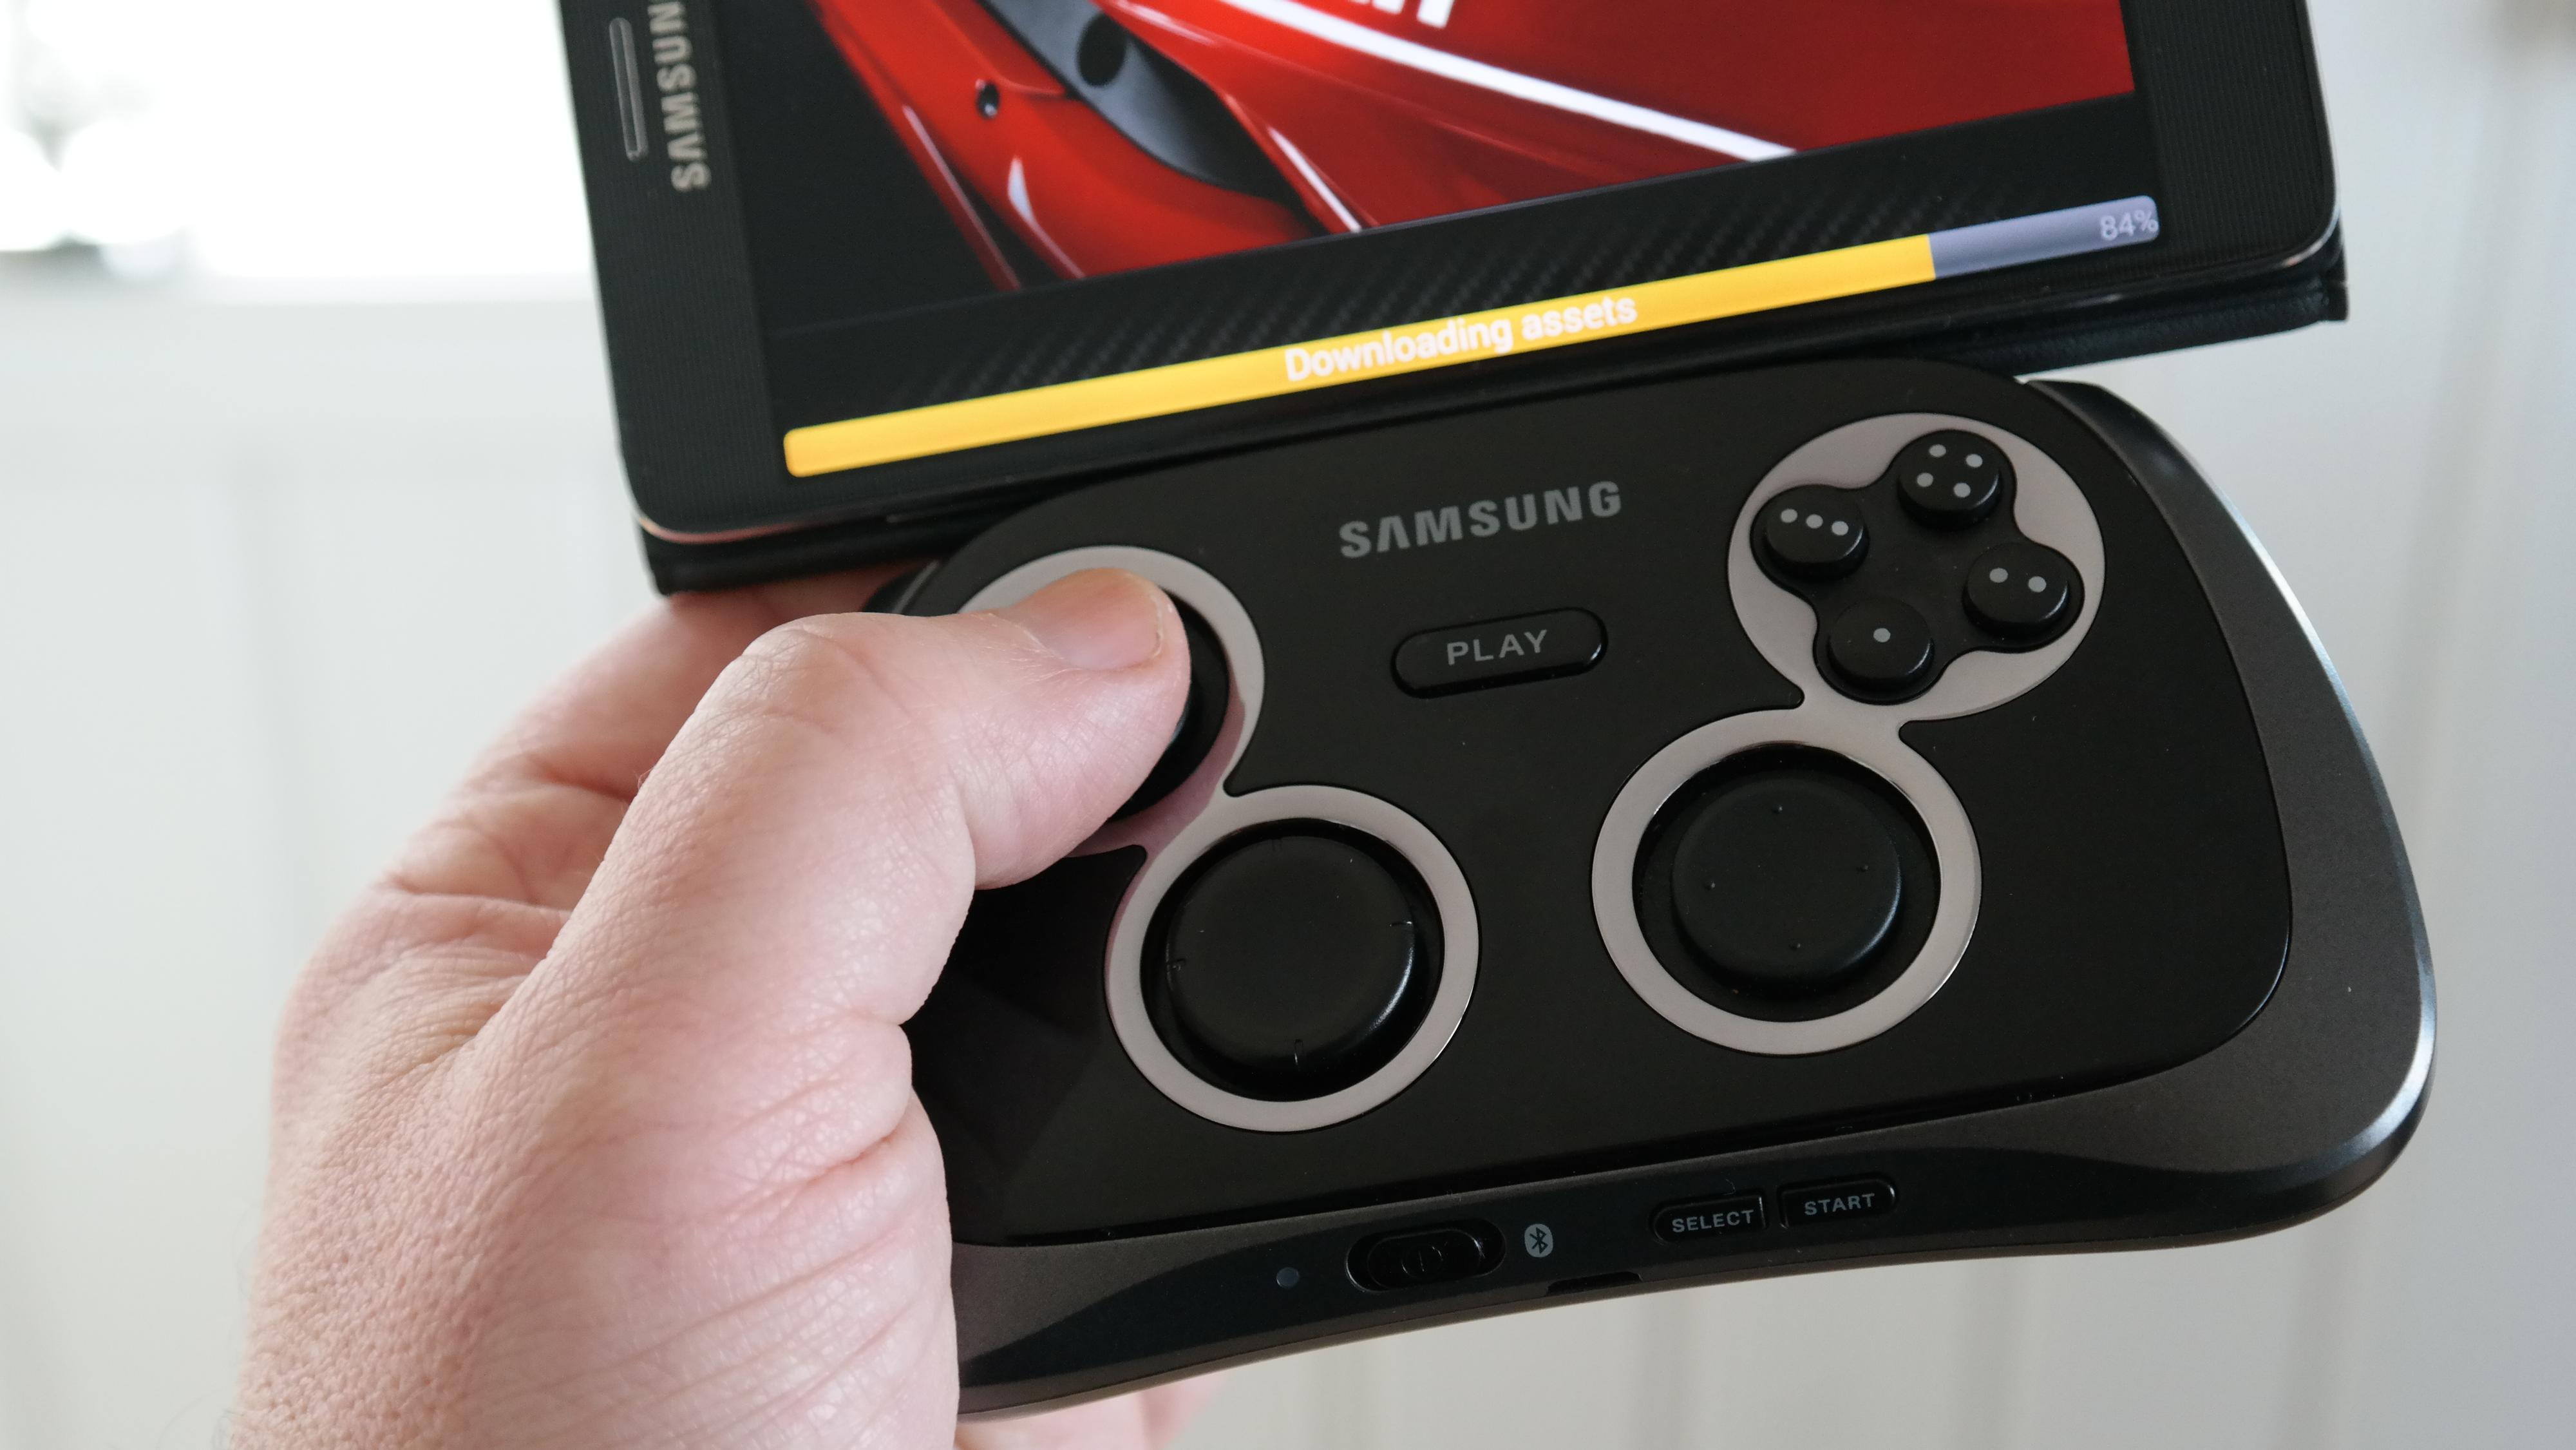 Game Pad gir full kontroll når du spiller på mobilen. Foto: Espen Irwing Swang, Tek.no